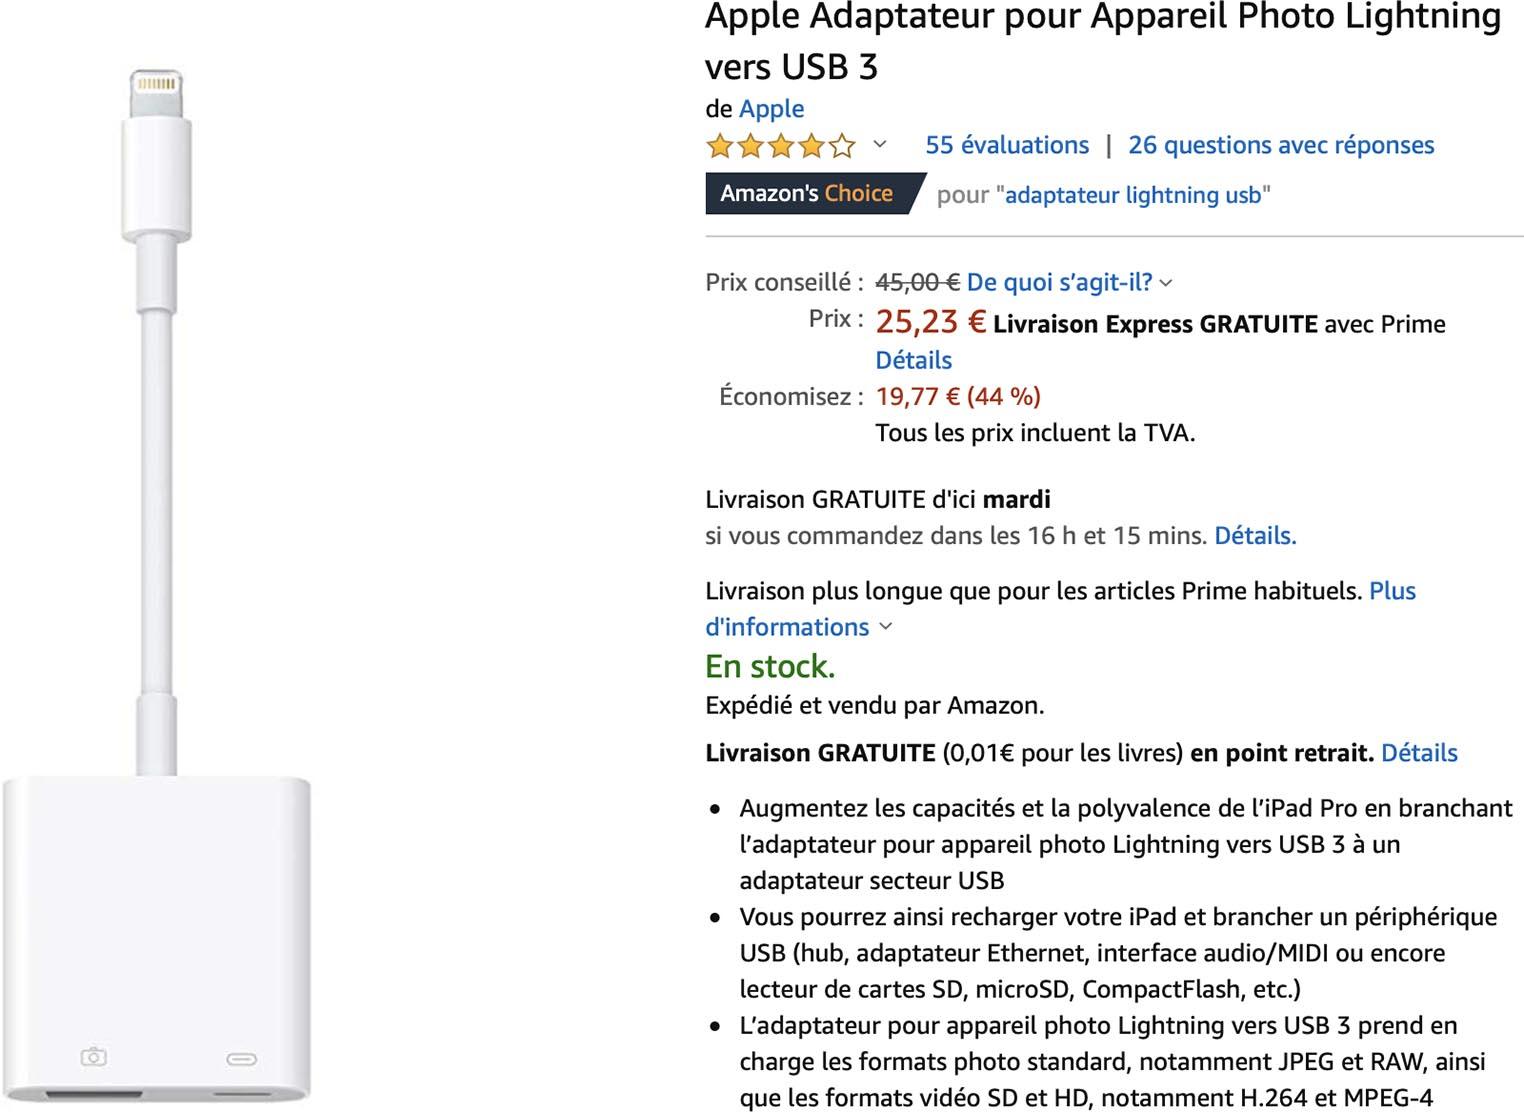 Apple Adaptateur pour Appareil Photo Lightning vers USB 3